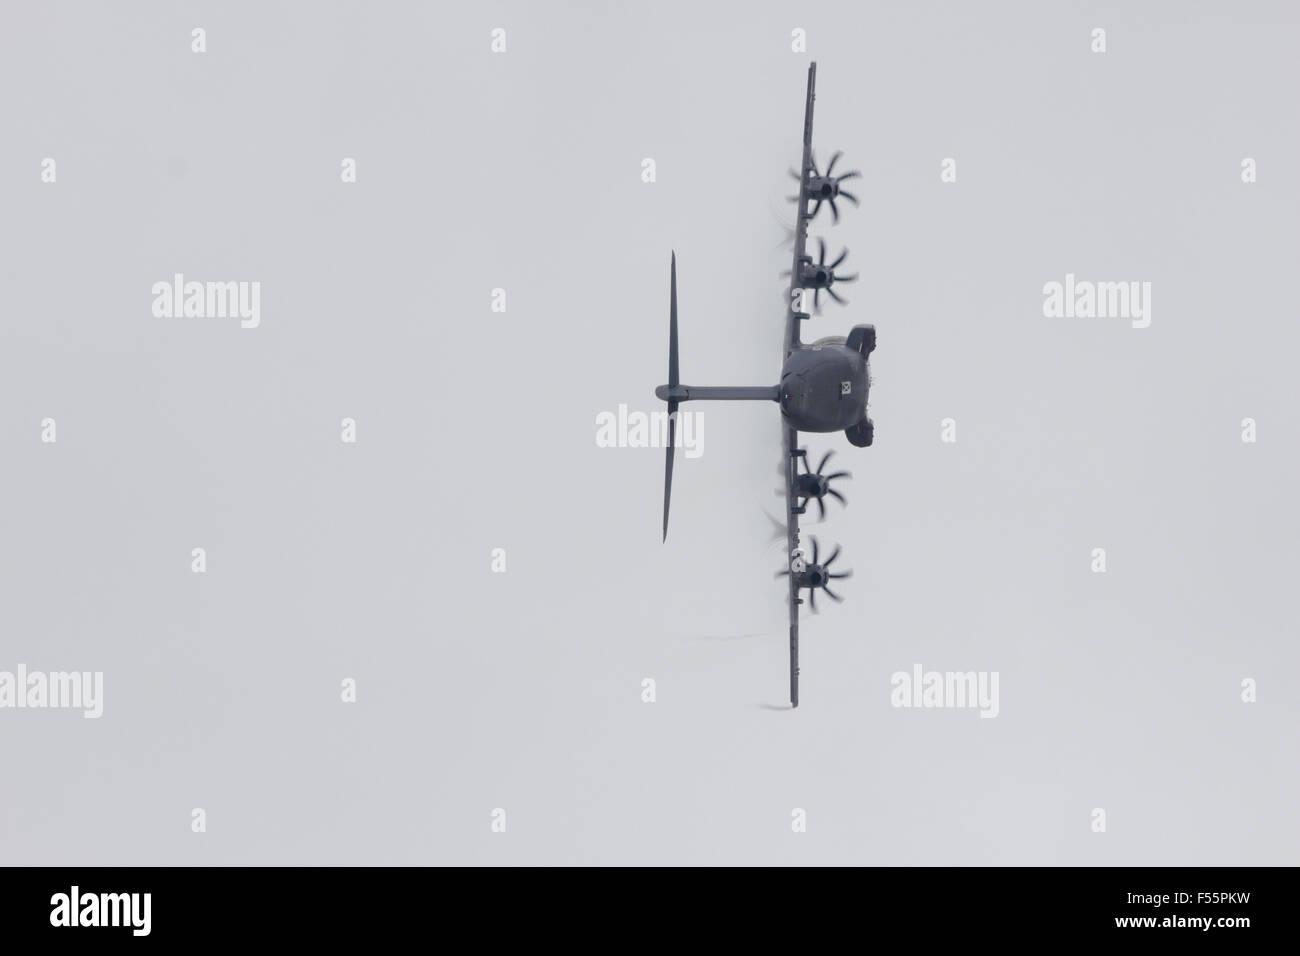 Airbus A400M, avion de transport militaire dans un virage serré. Le premier A400M a été livré à l'armée de l'Air Française Banque D'Images